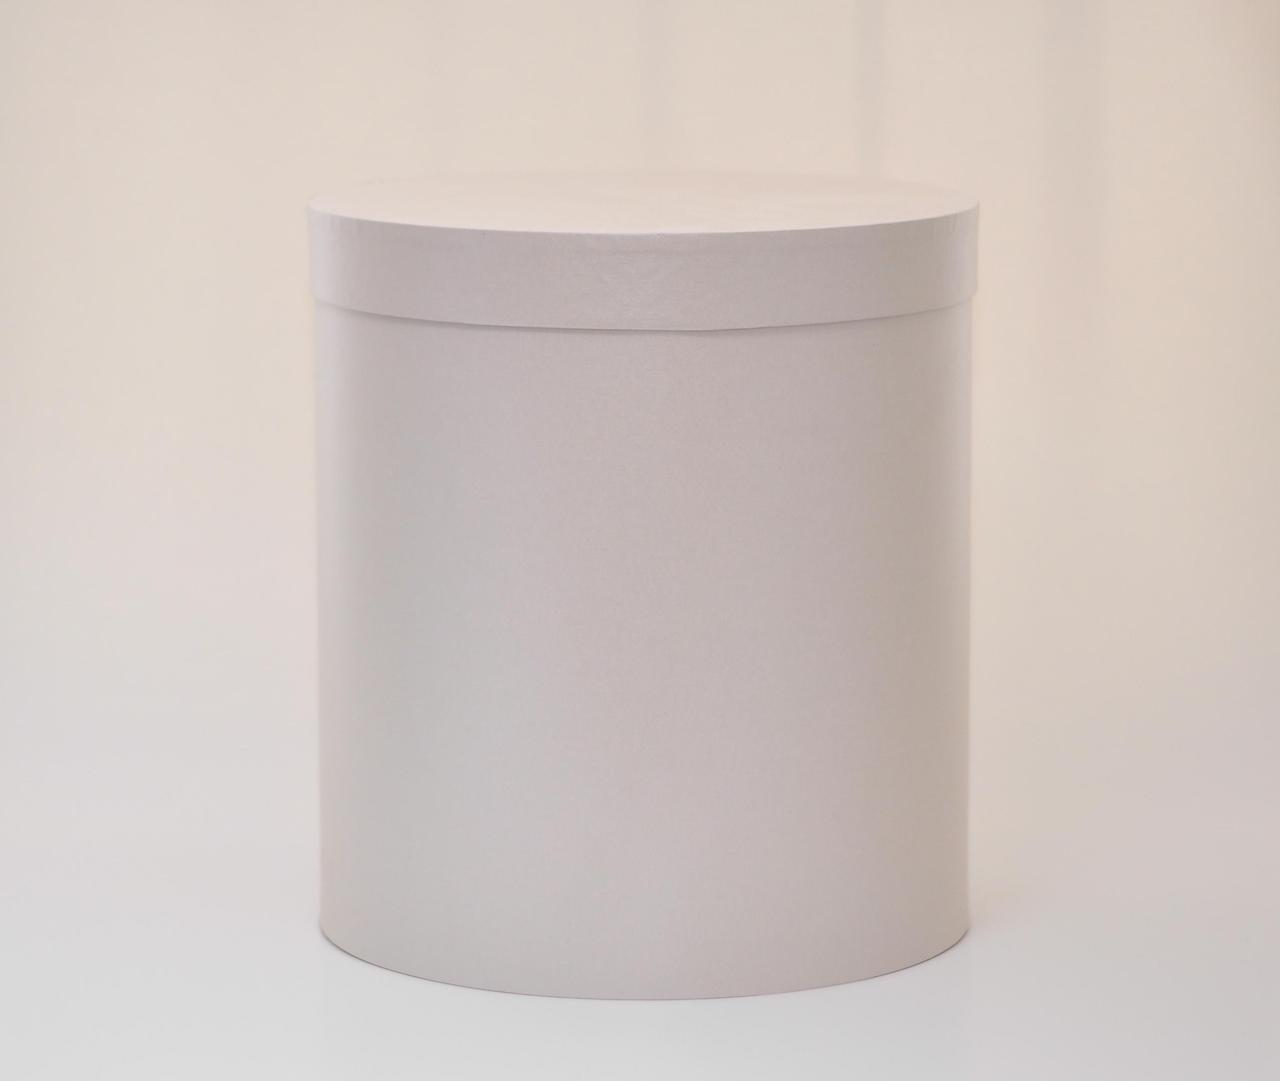 Круглая коробка с крышкой h20*d20см серый